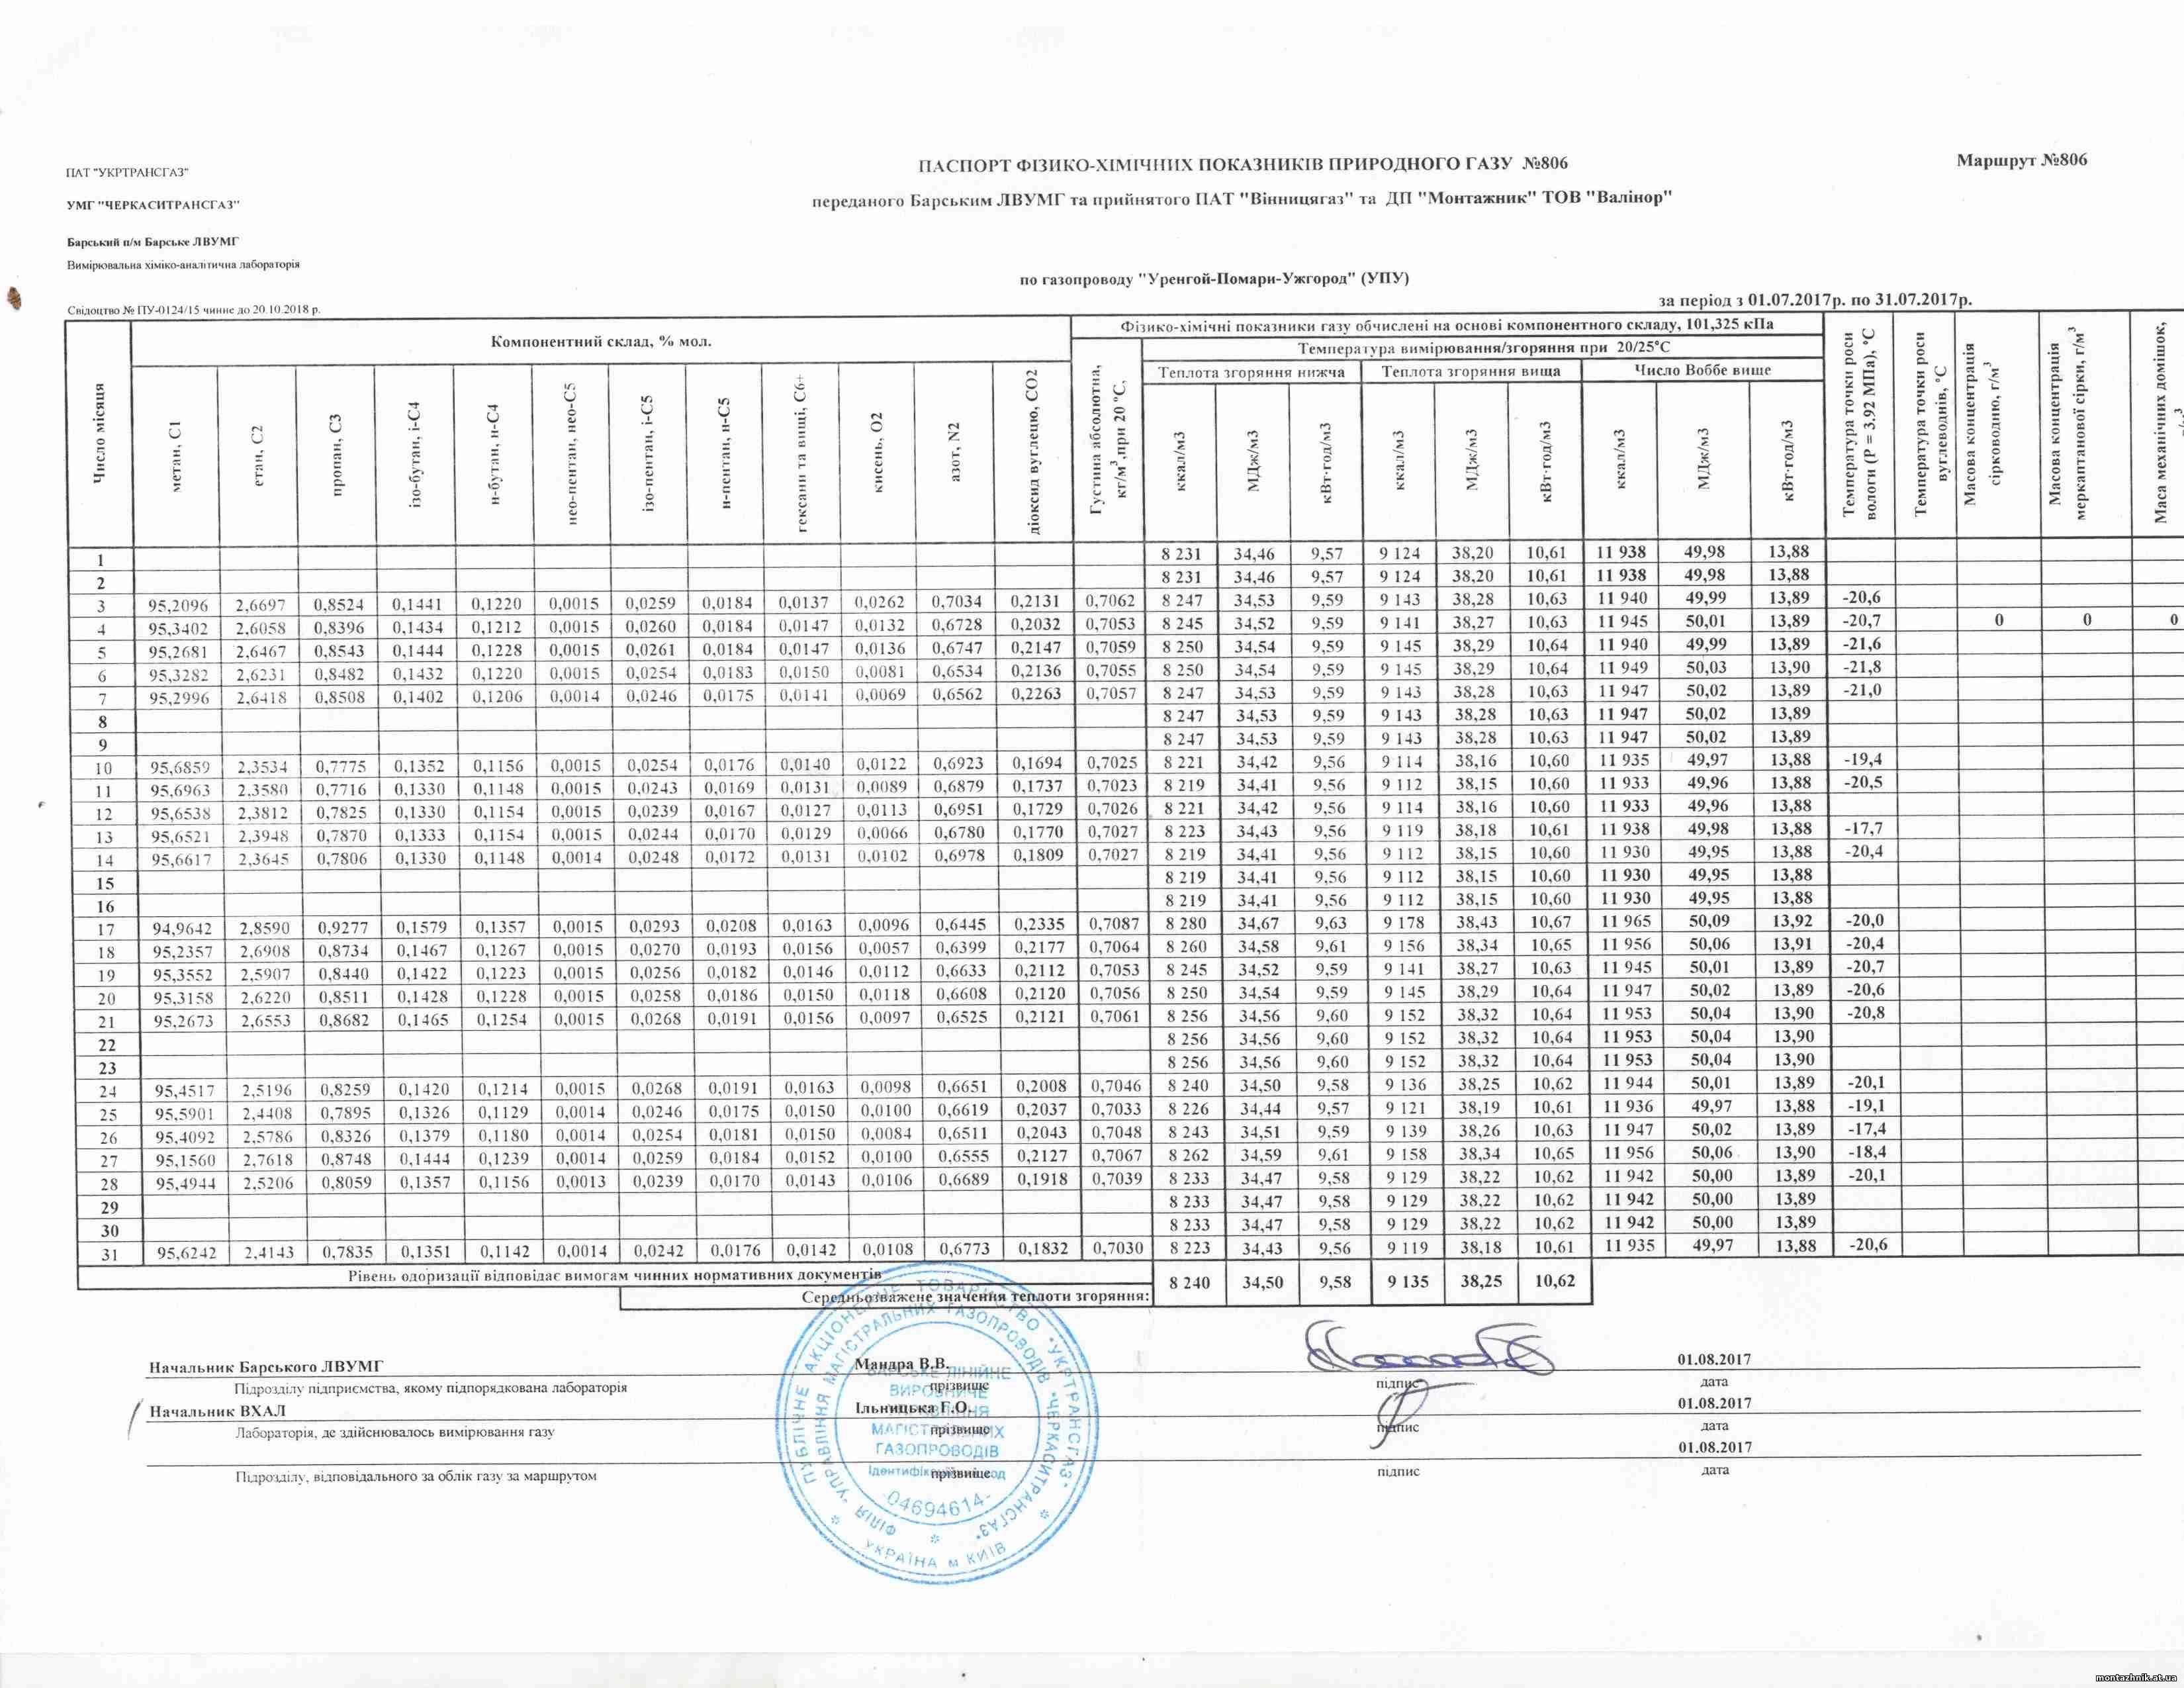 Паспорт фізико-хімічних показників природного газу за липень 2017 р. по ДП Монтажник